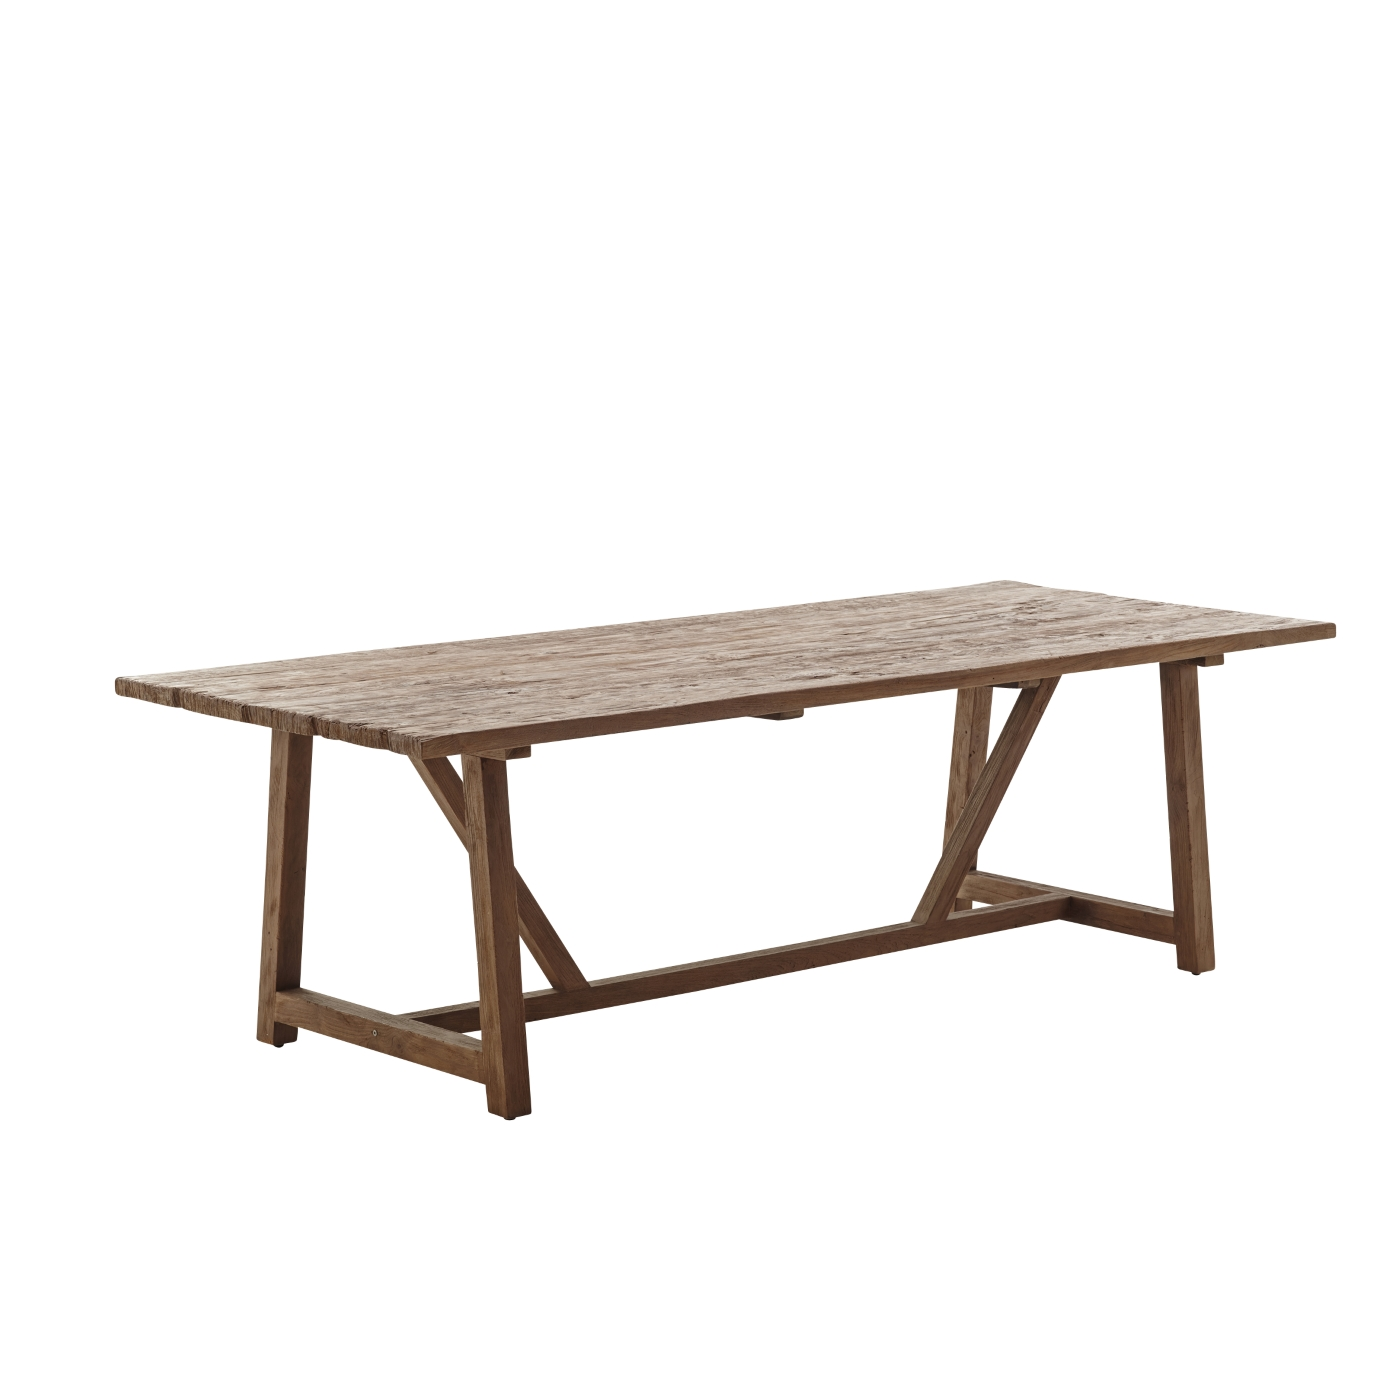 Matbord i teak 100 x 180 cm Lucas, Sika-Design